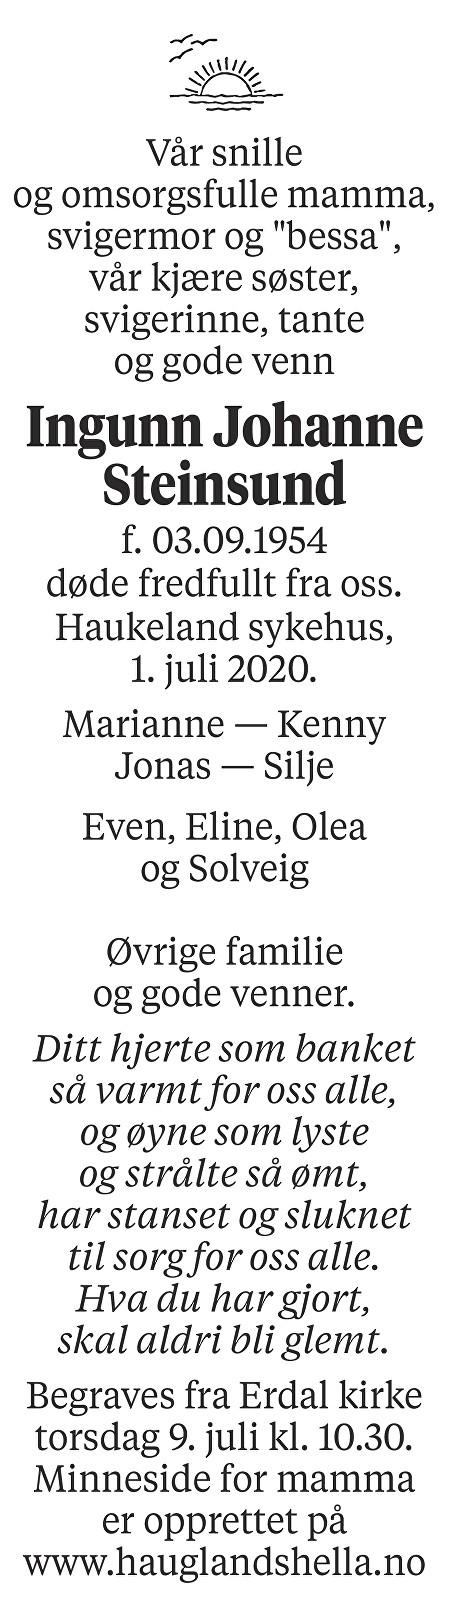 Ingunn Johanne Steinsund Dødsannonse